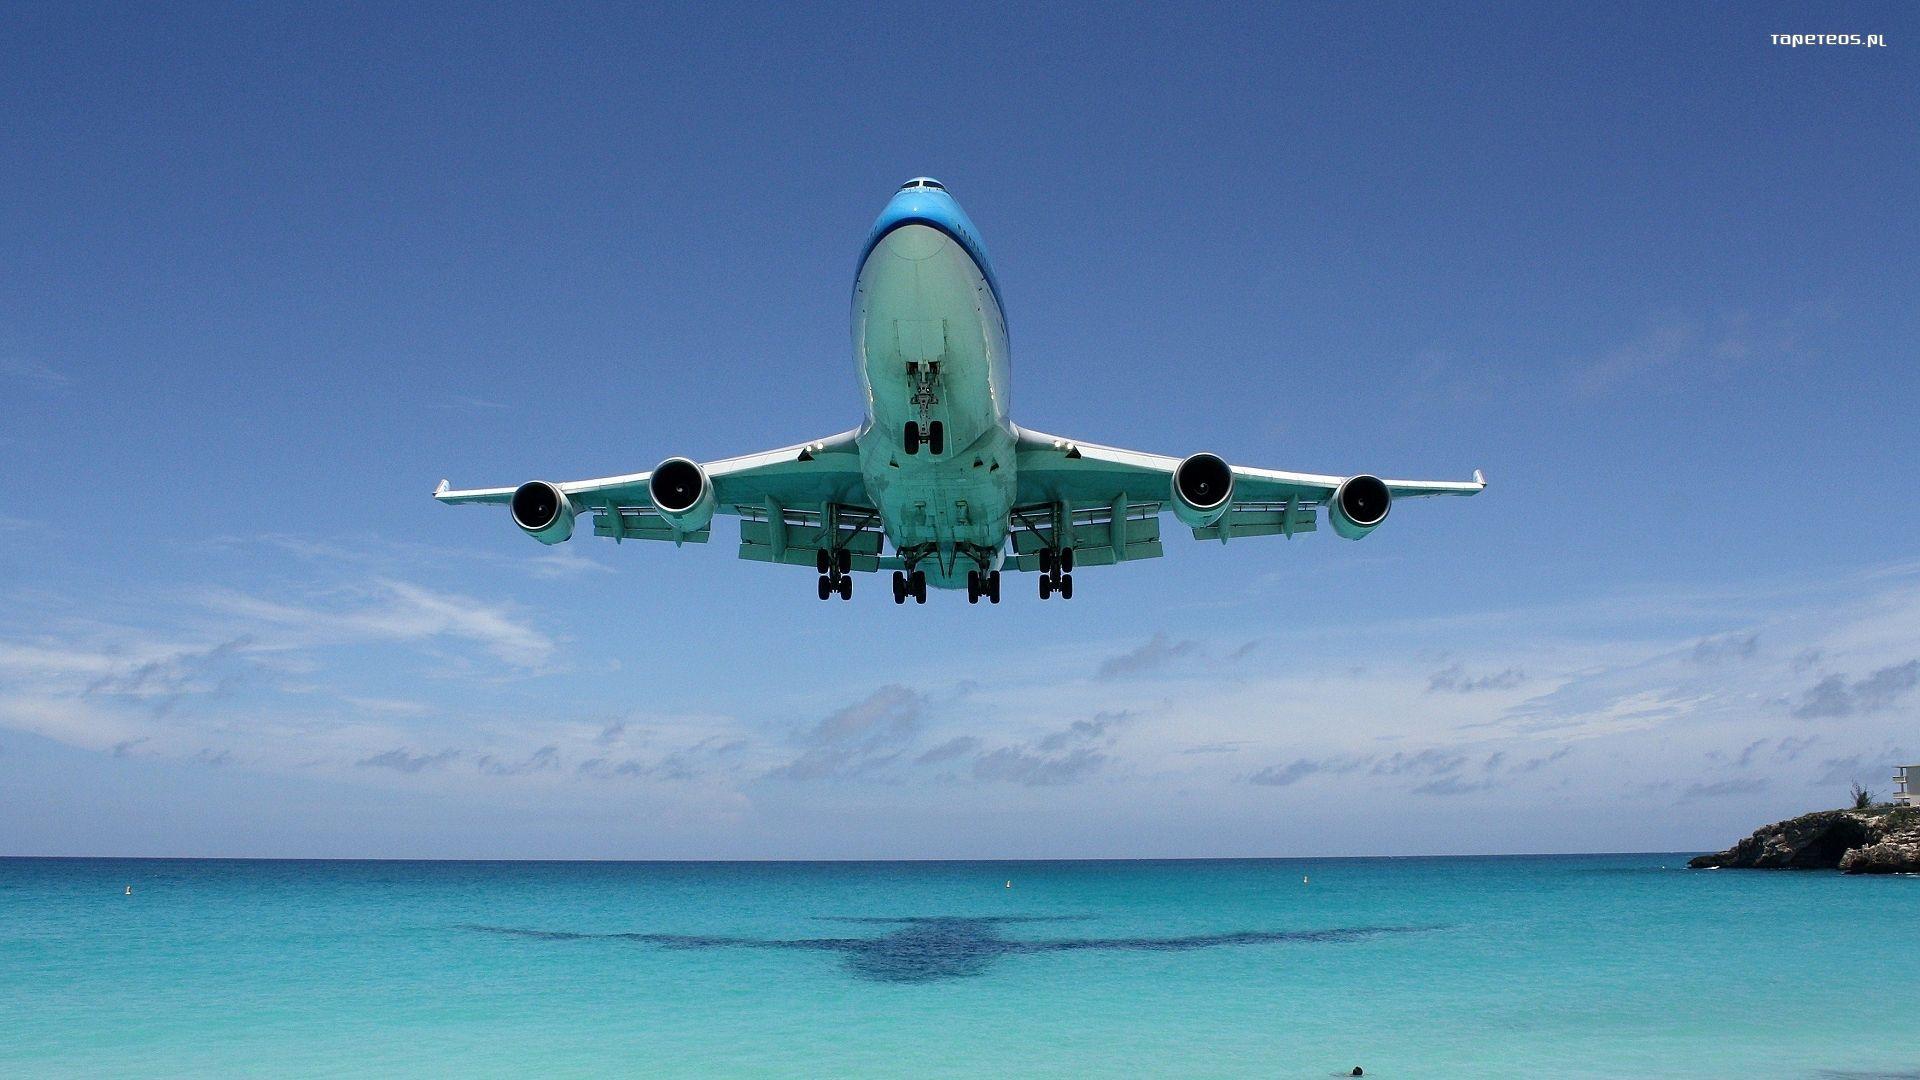 Авиалайнер в воздухе  № 2357434  скачать